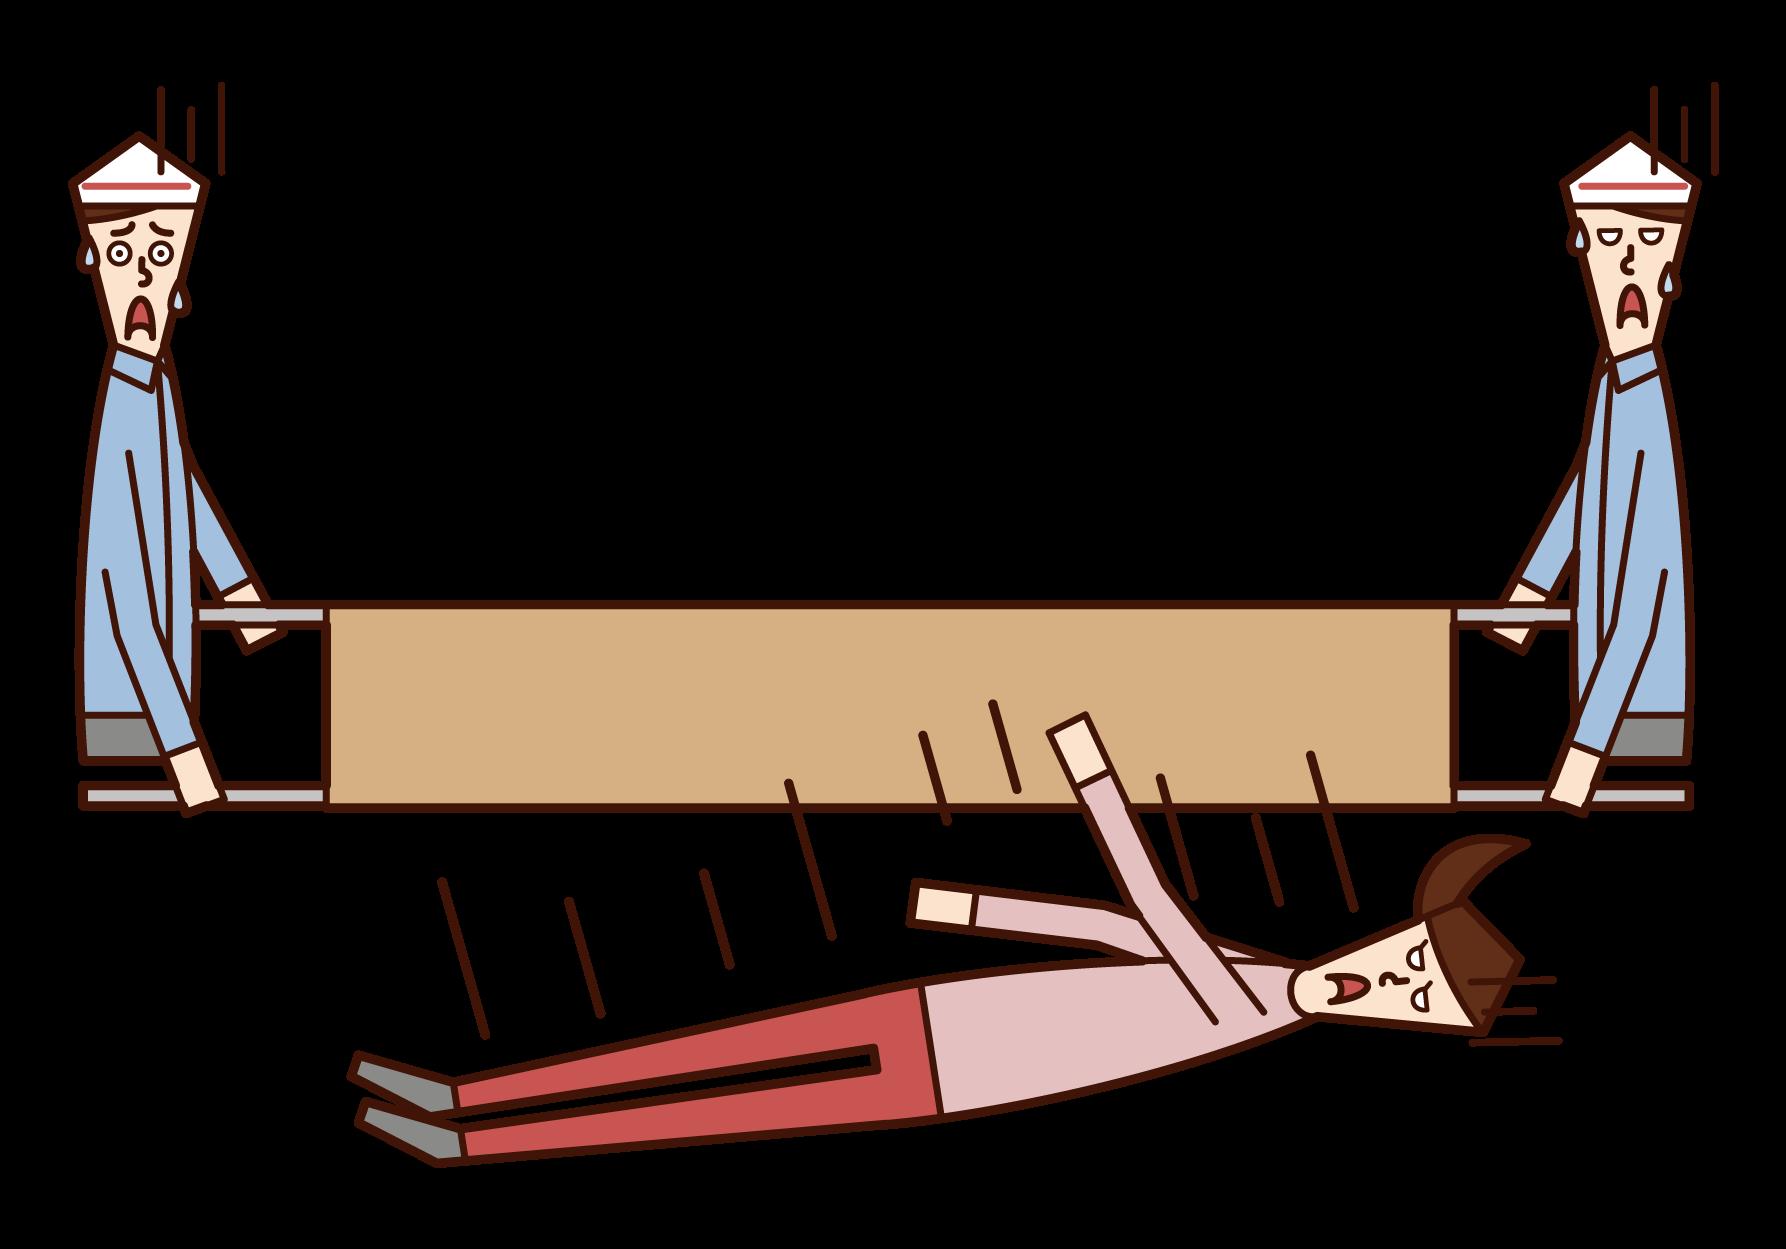 從擔架上摔下來的人(女性)的插圖